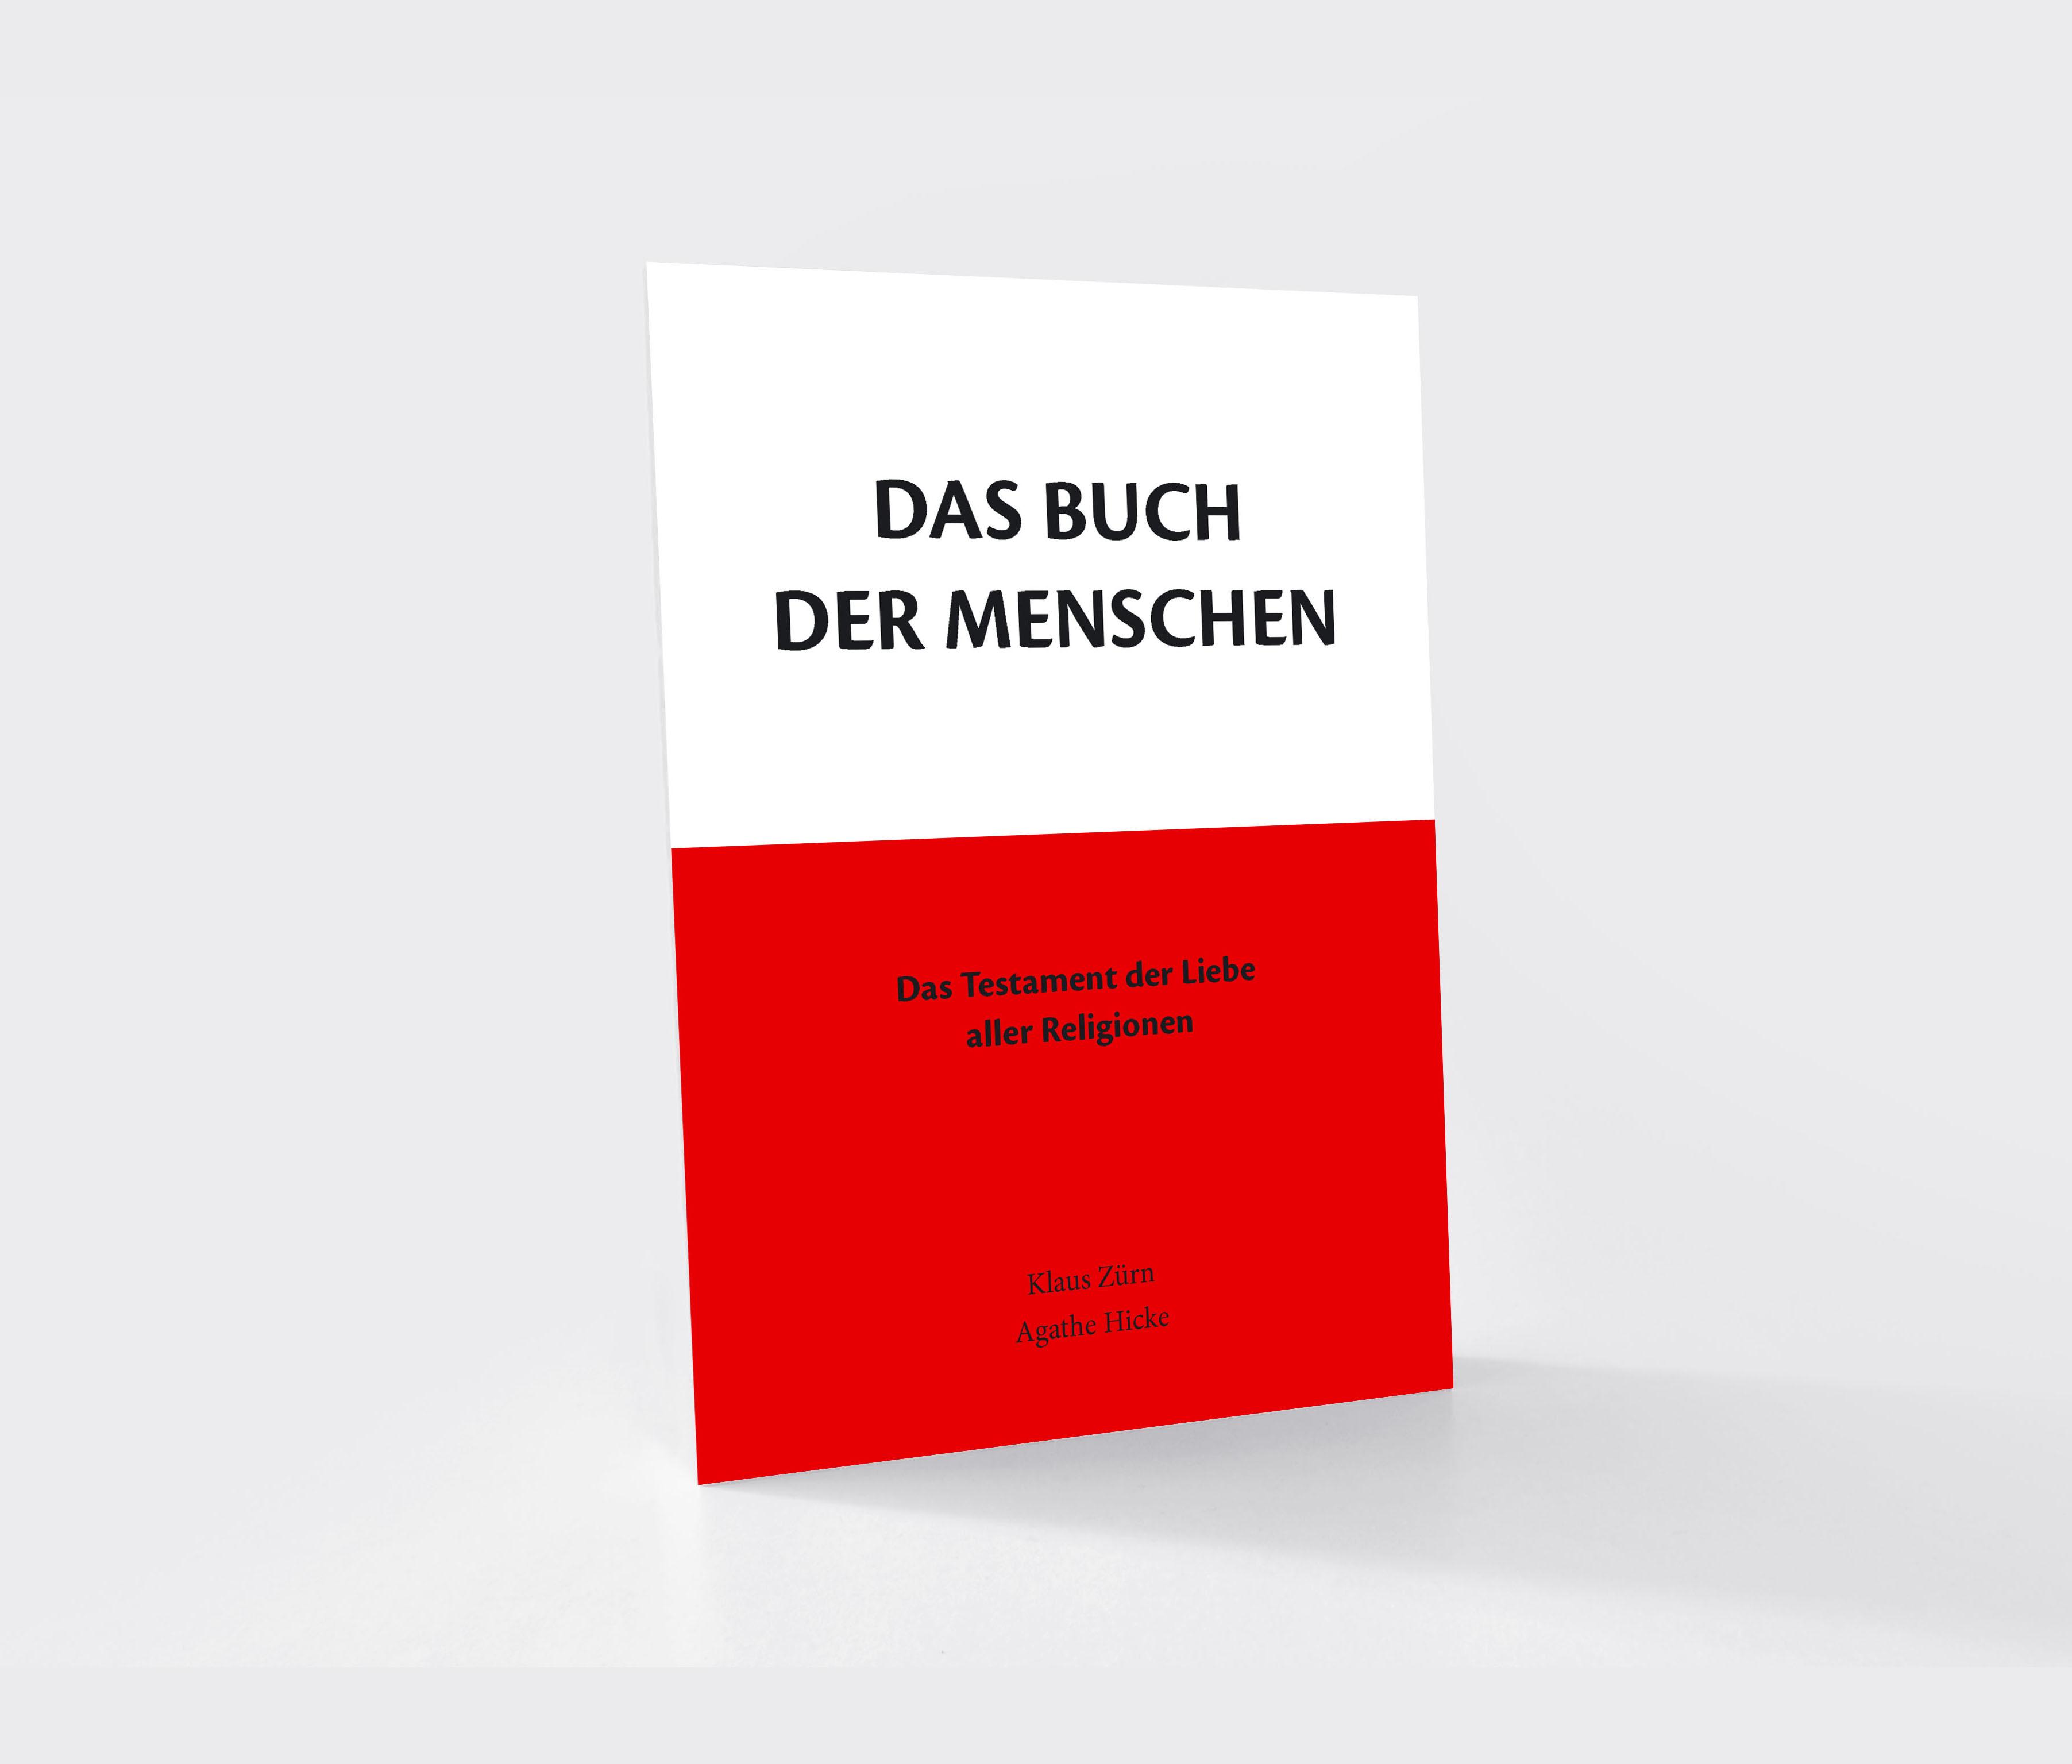 Das Buch der Menschen